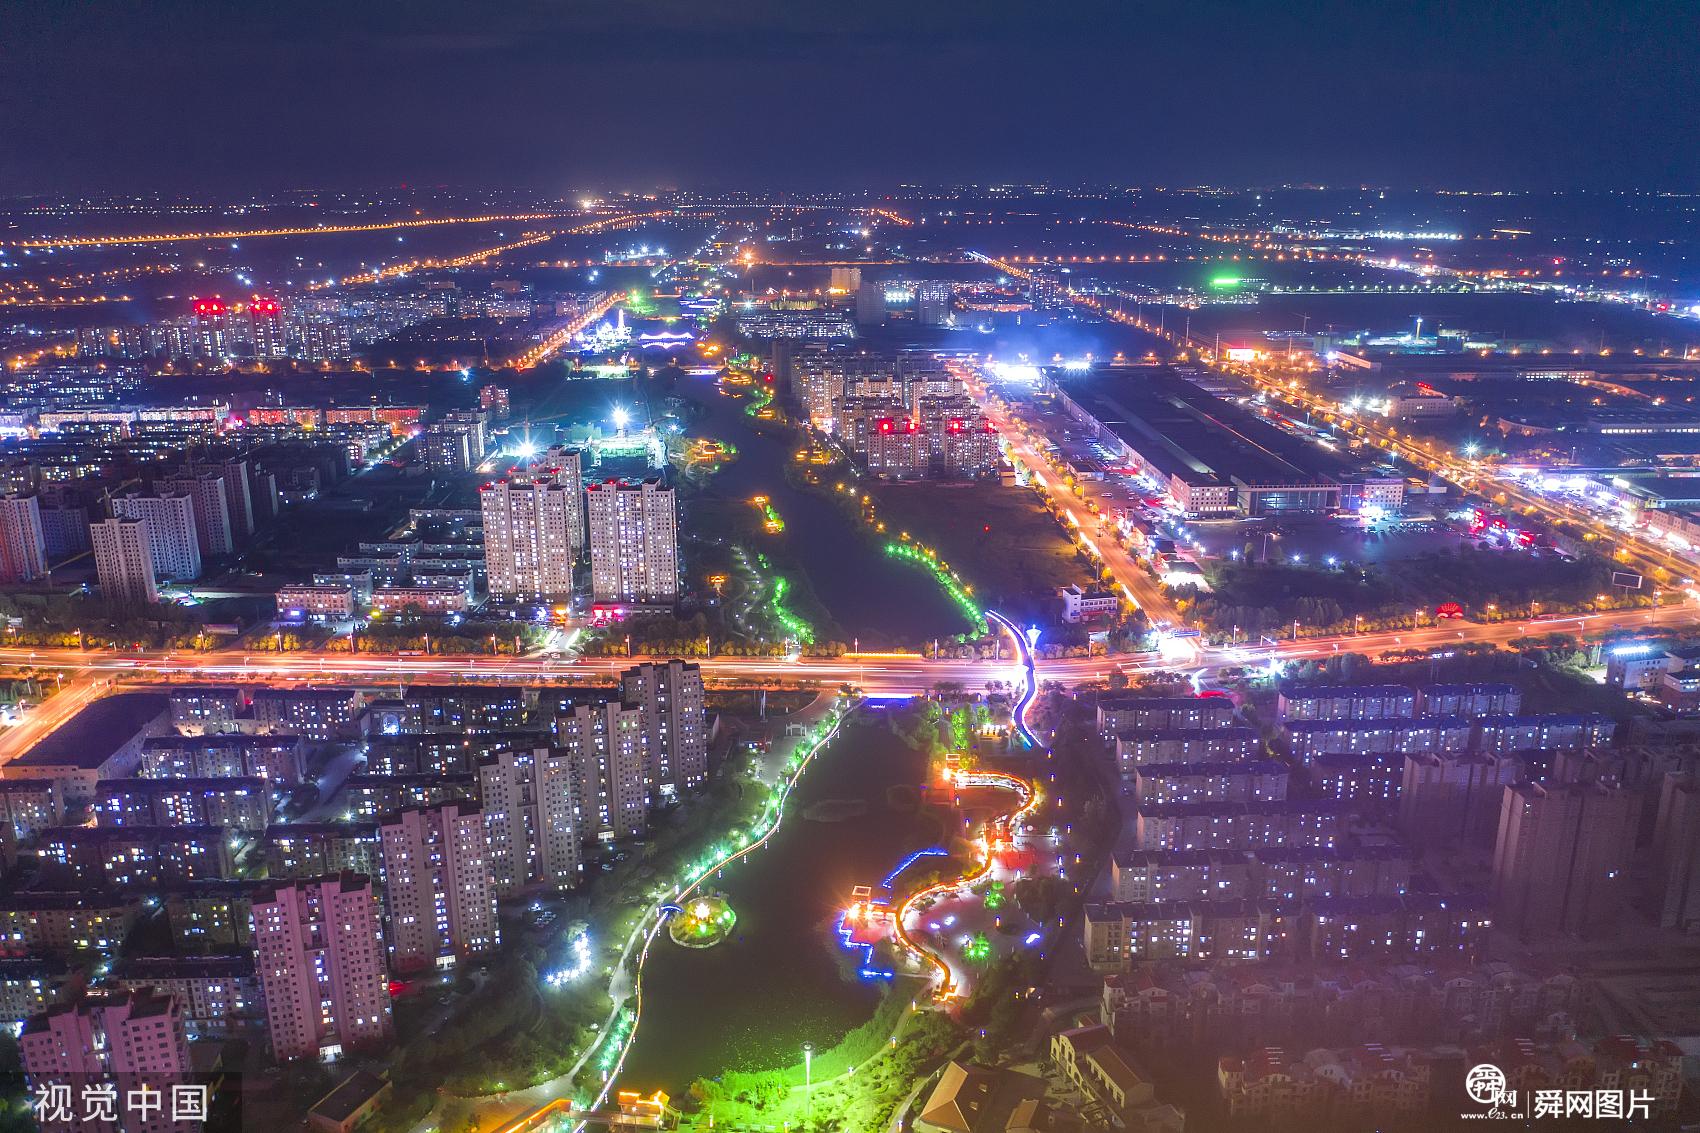 山东滨州:夏末夜色残暴